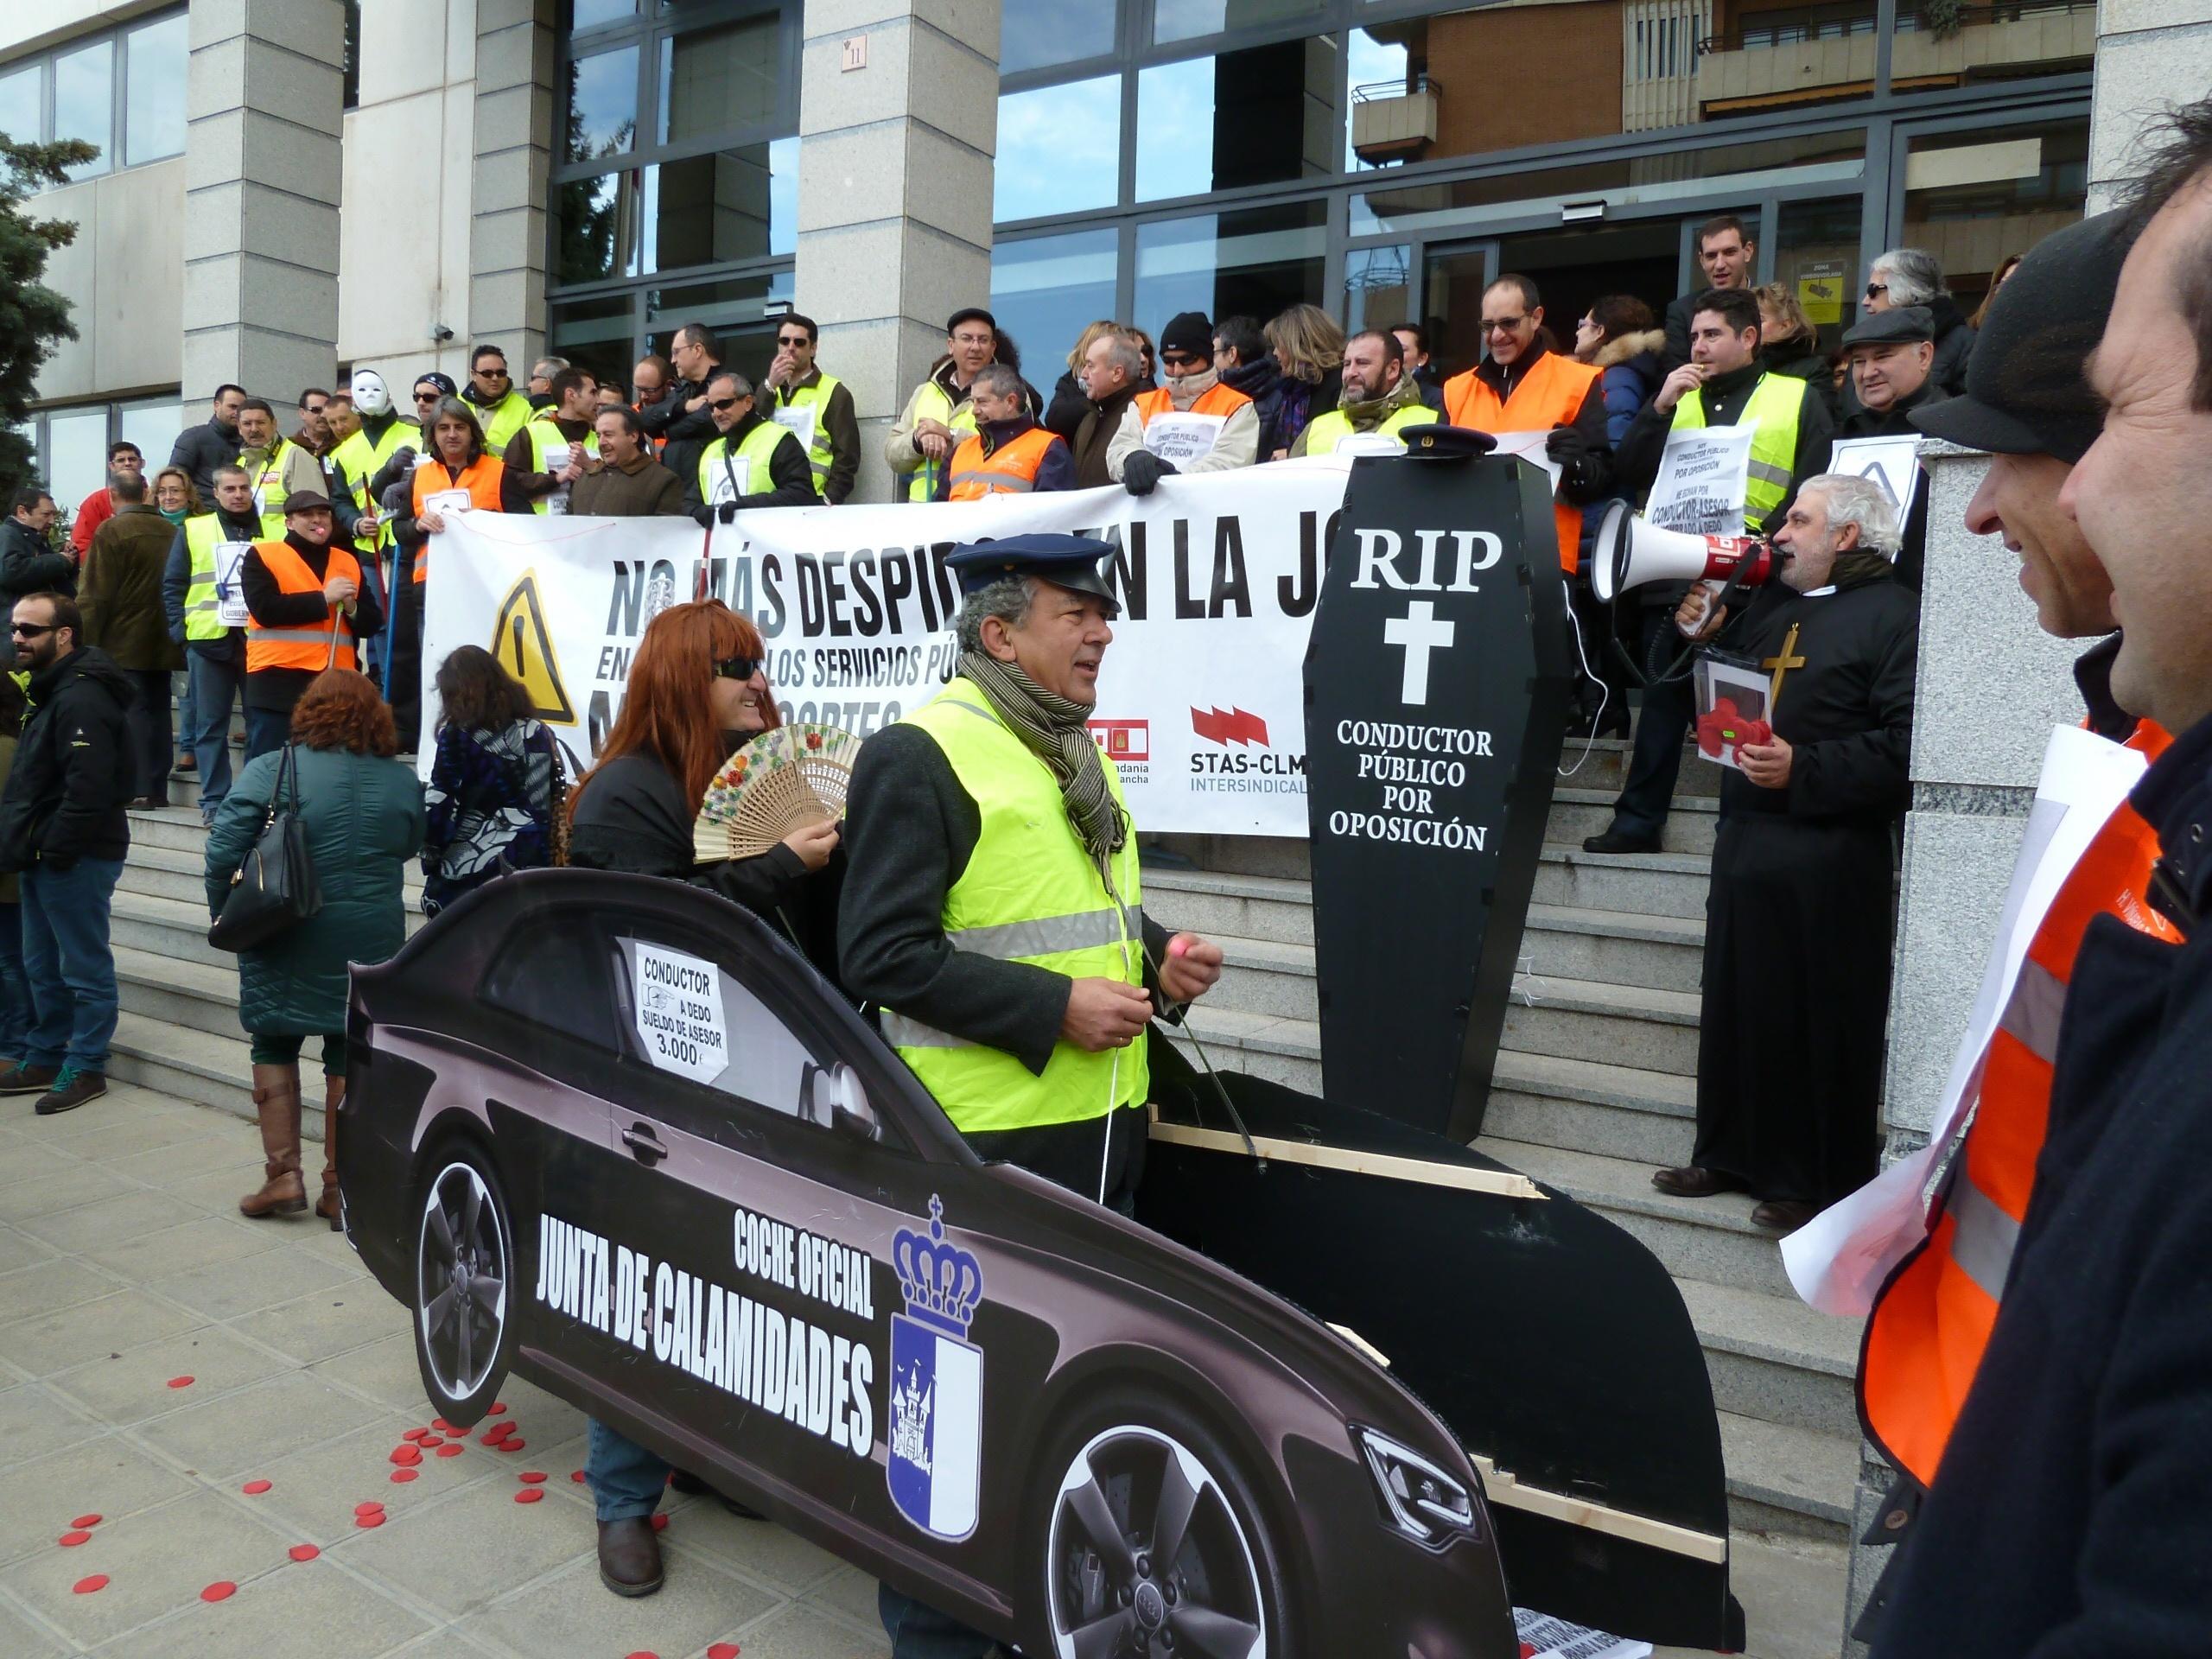 Seguimiento del 97% en el parón planteado por sindicatos en contra del Plan de Recursos Humanos de Conductores de Junta